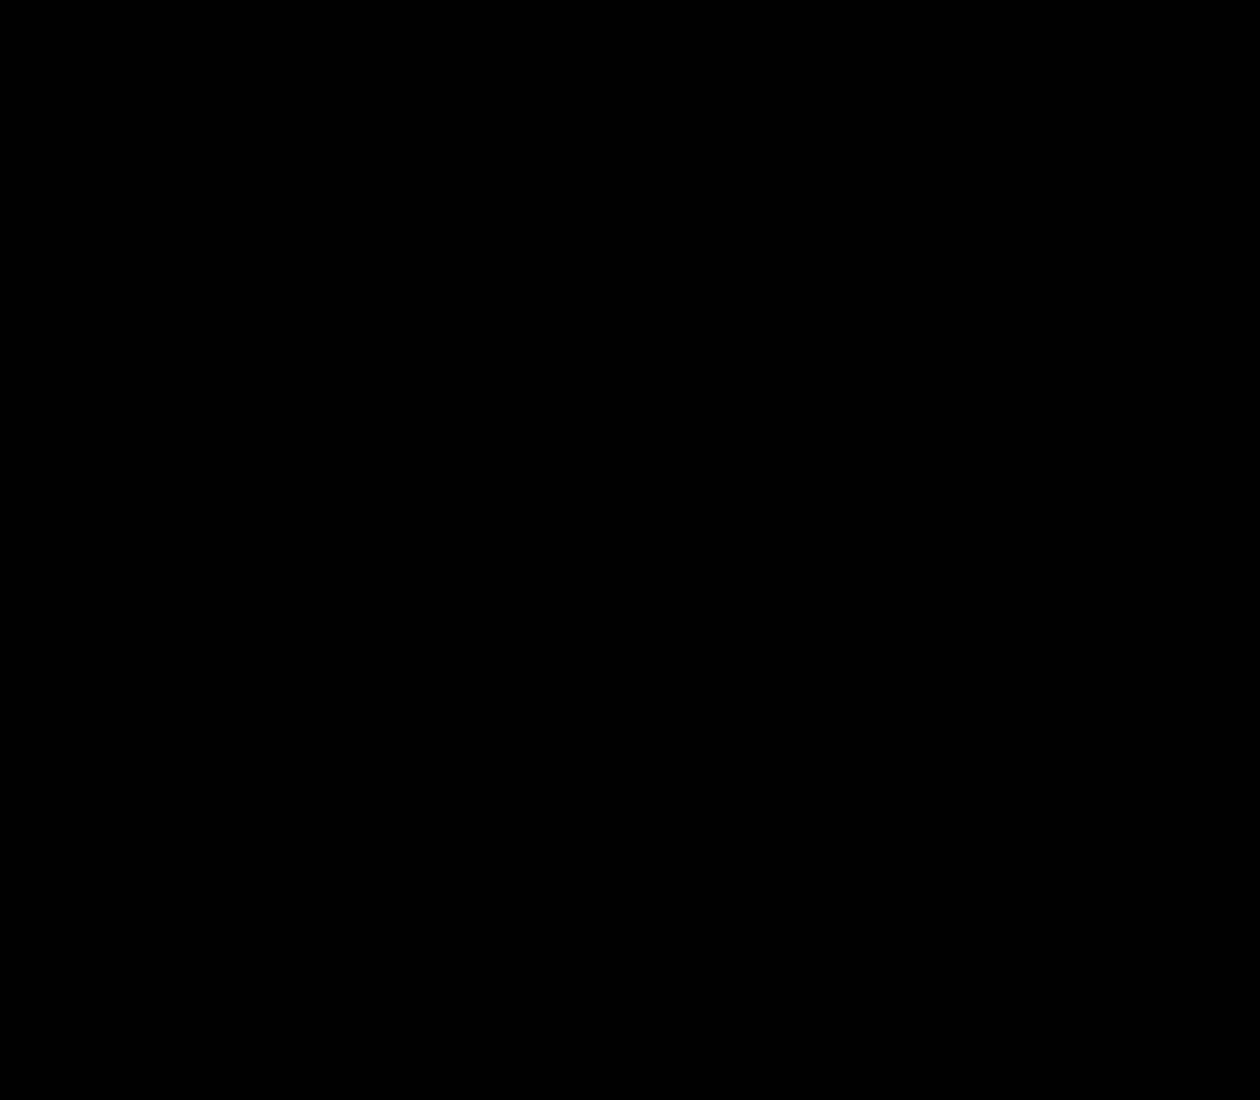 Украшения со скидкой до 70%  ЮД Кристалл